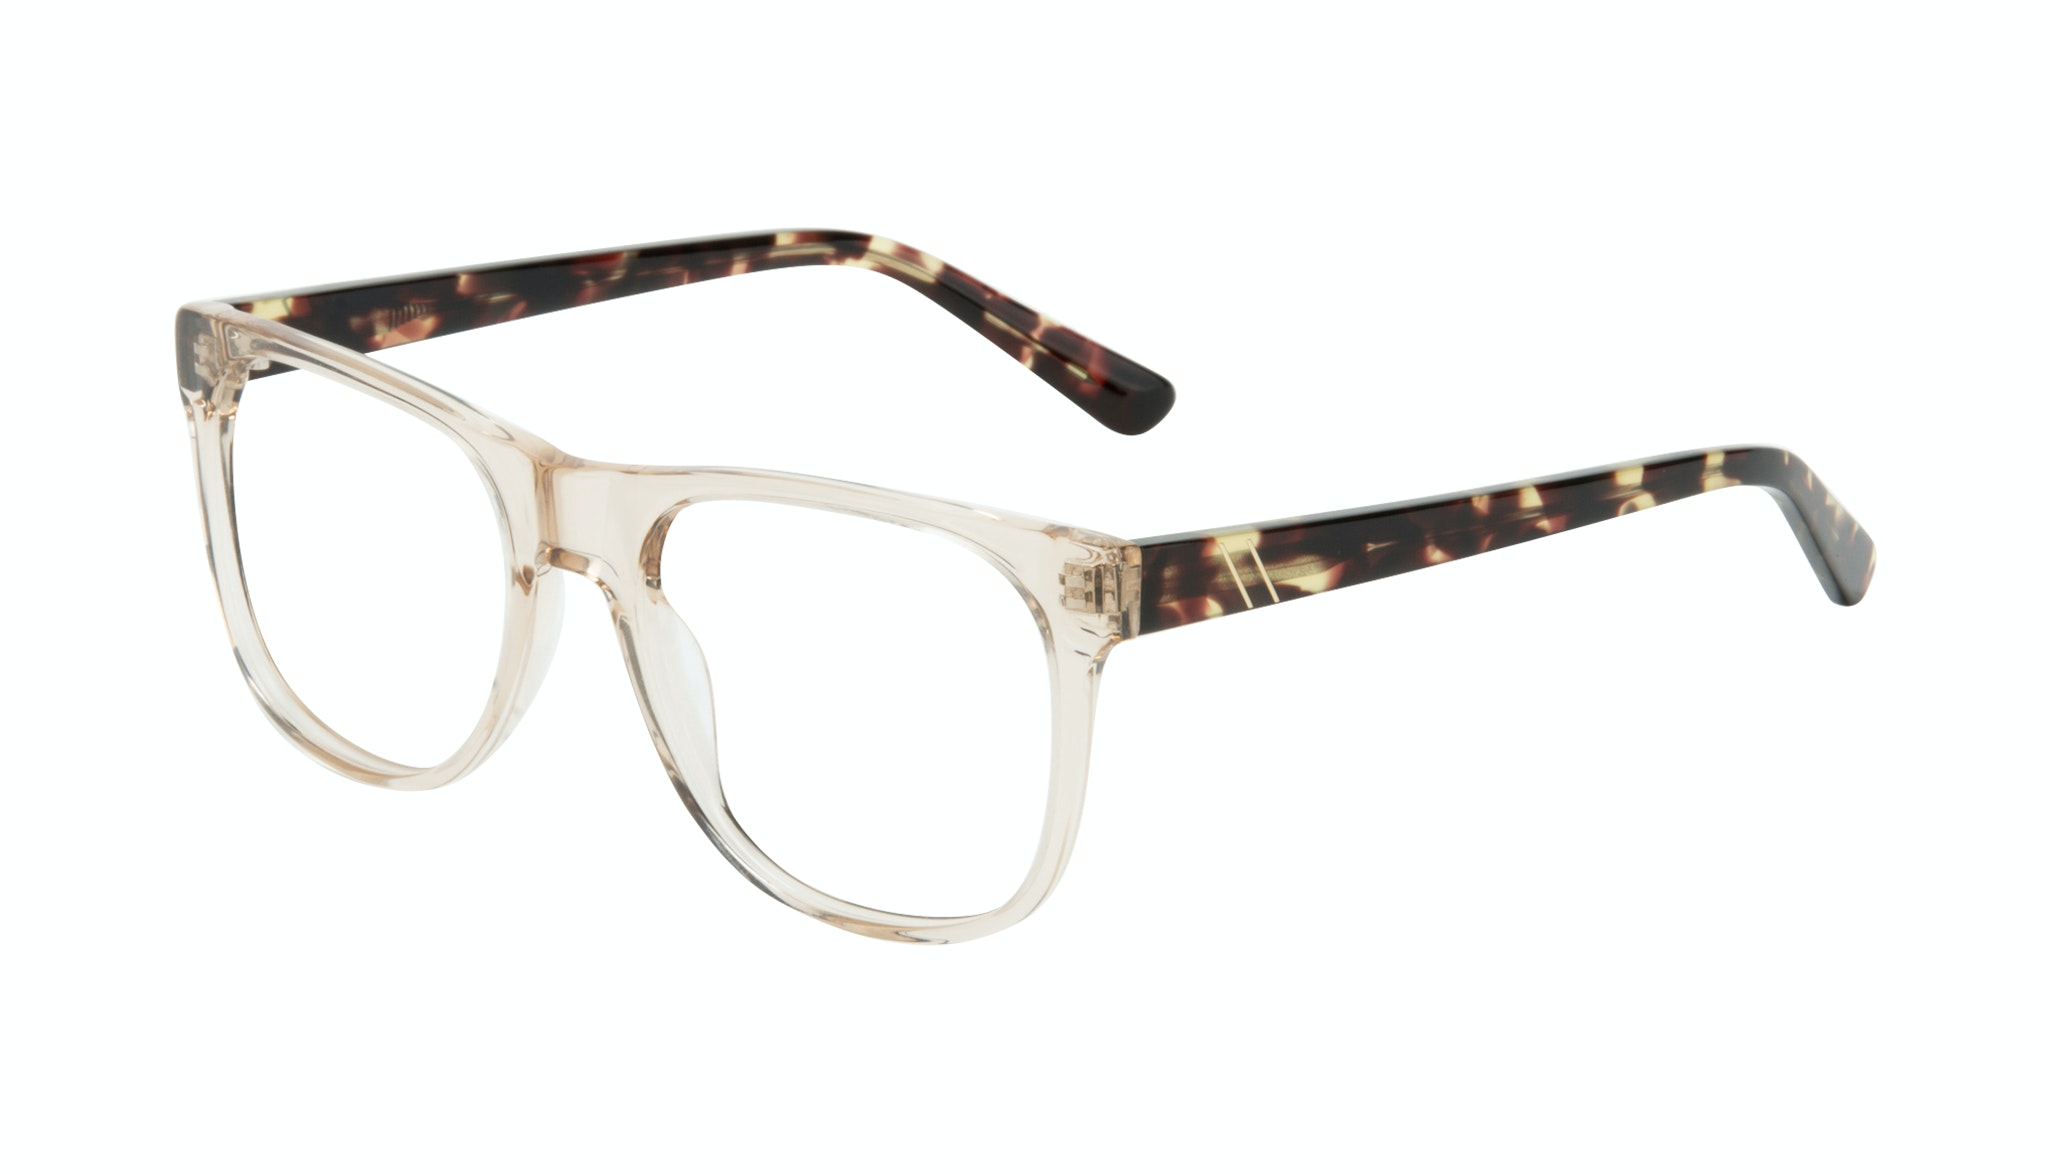 Affordable Fashion Glasses Square Eyeglasses Men Make Golden Tort Tilt